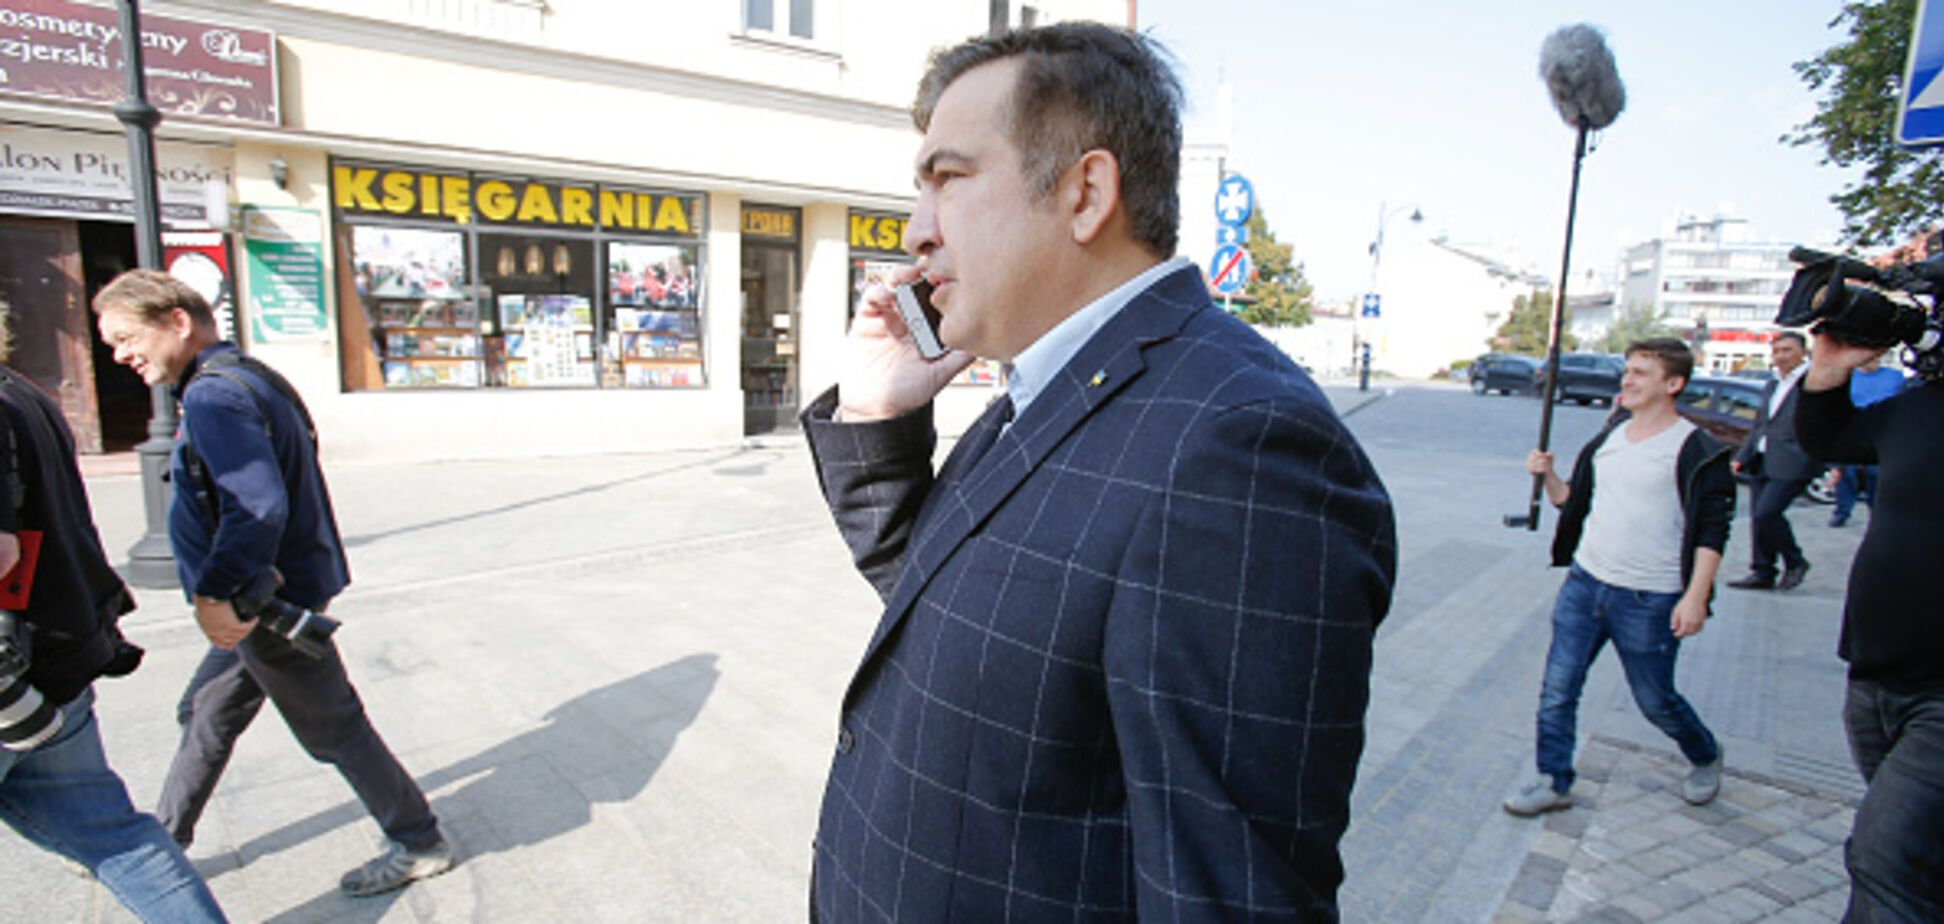 Прорив кордону Саакашвілі: Аваков пояснив, чому поліція не застосувала силу